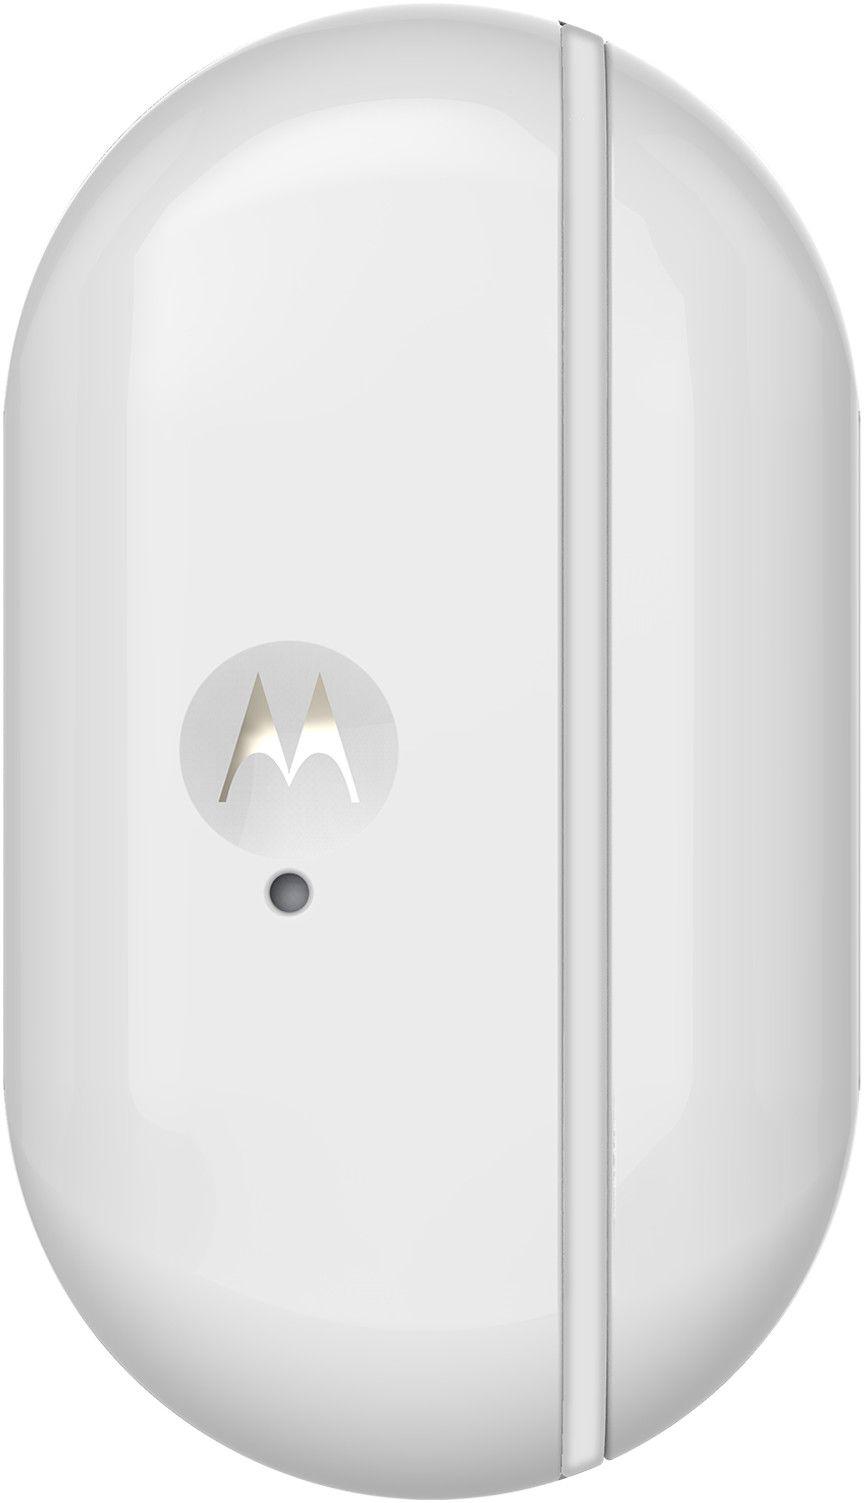 Motorola Smart Nursery Sensor MBP81